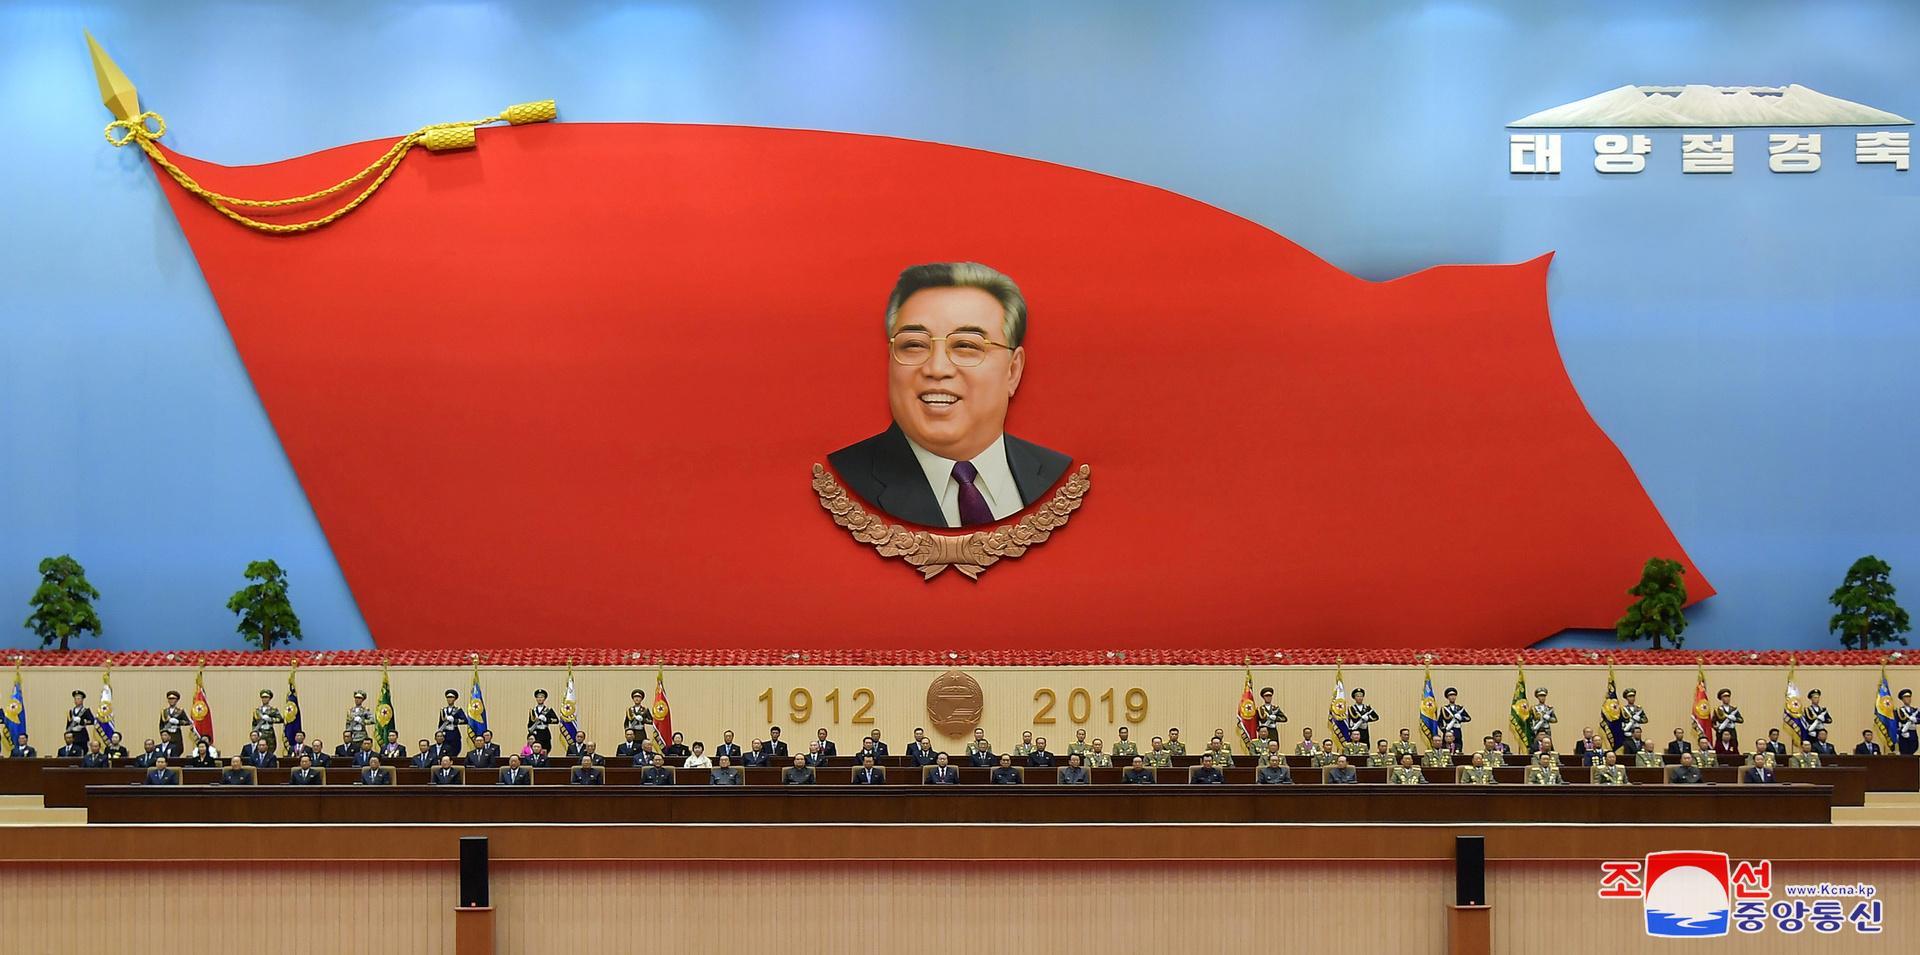 كوريا الشمالية.. إجراءات غير مسبوقة لمنع تفشي كورونا